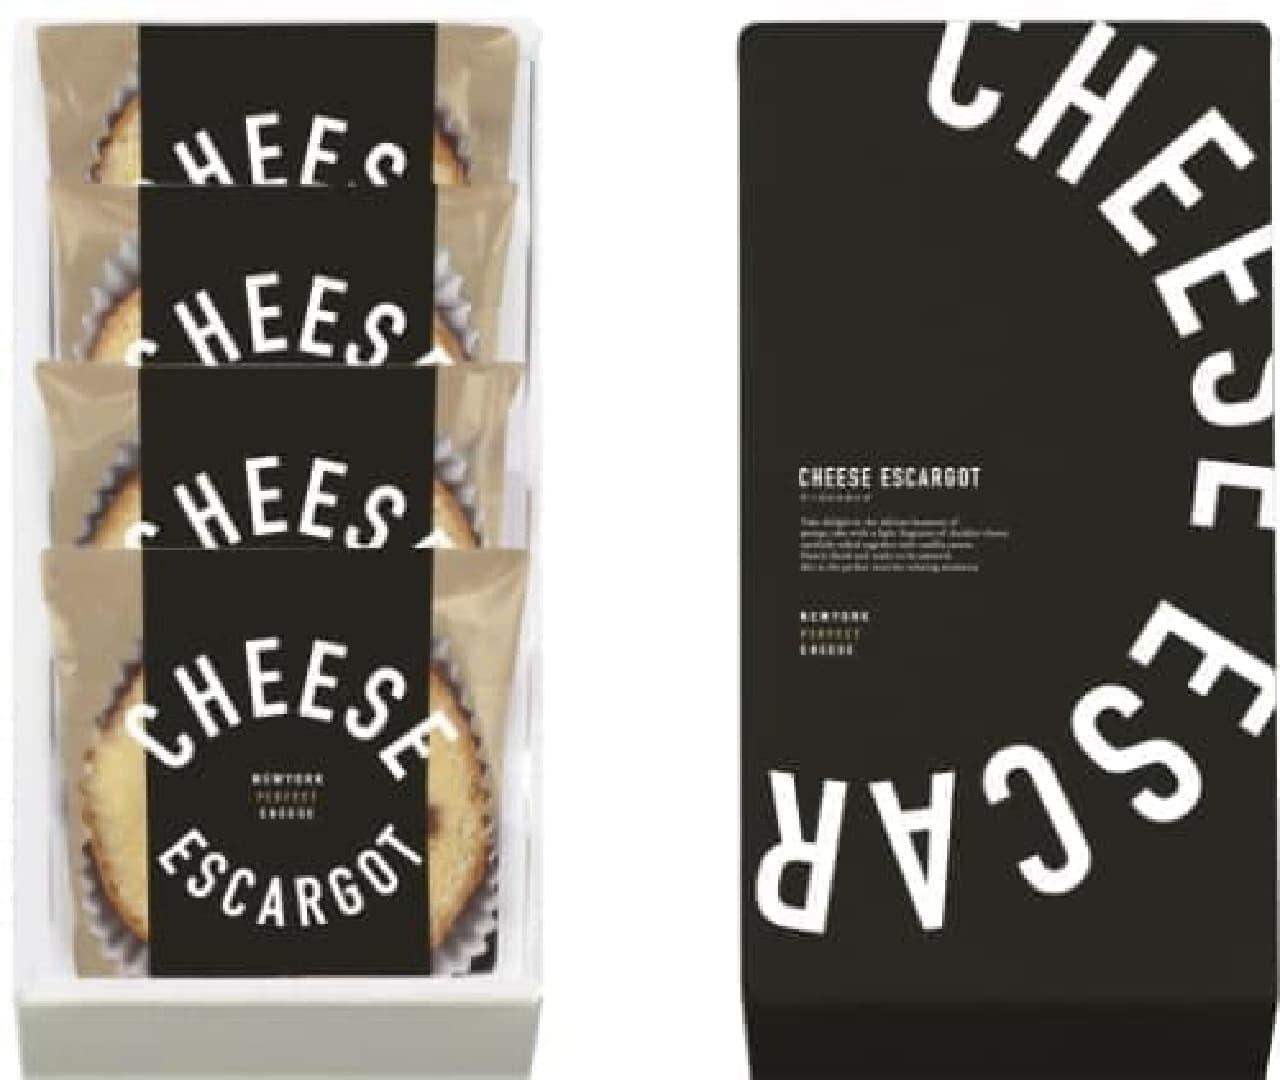 ニューヨークパーフェクトチーズ「チーズエスカルゴ」